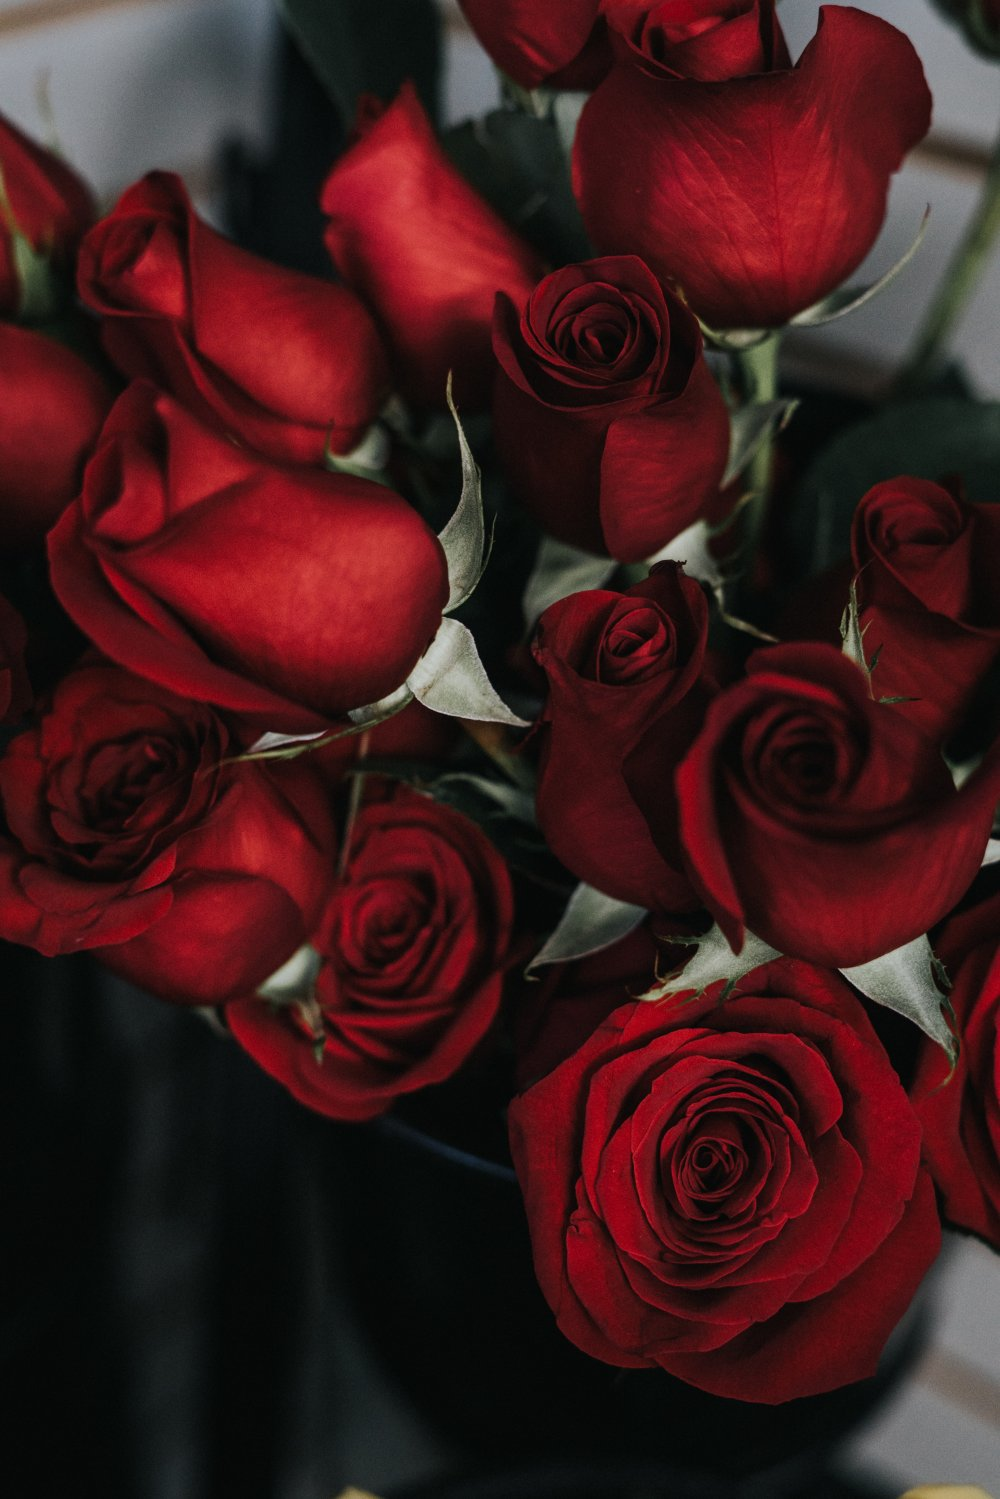 Giv blomster til dem som fortjener det